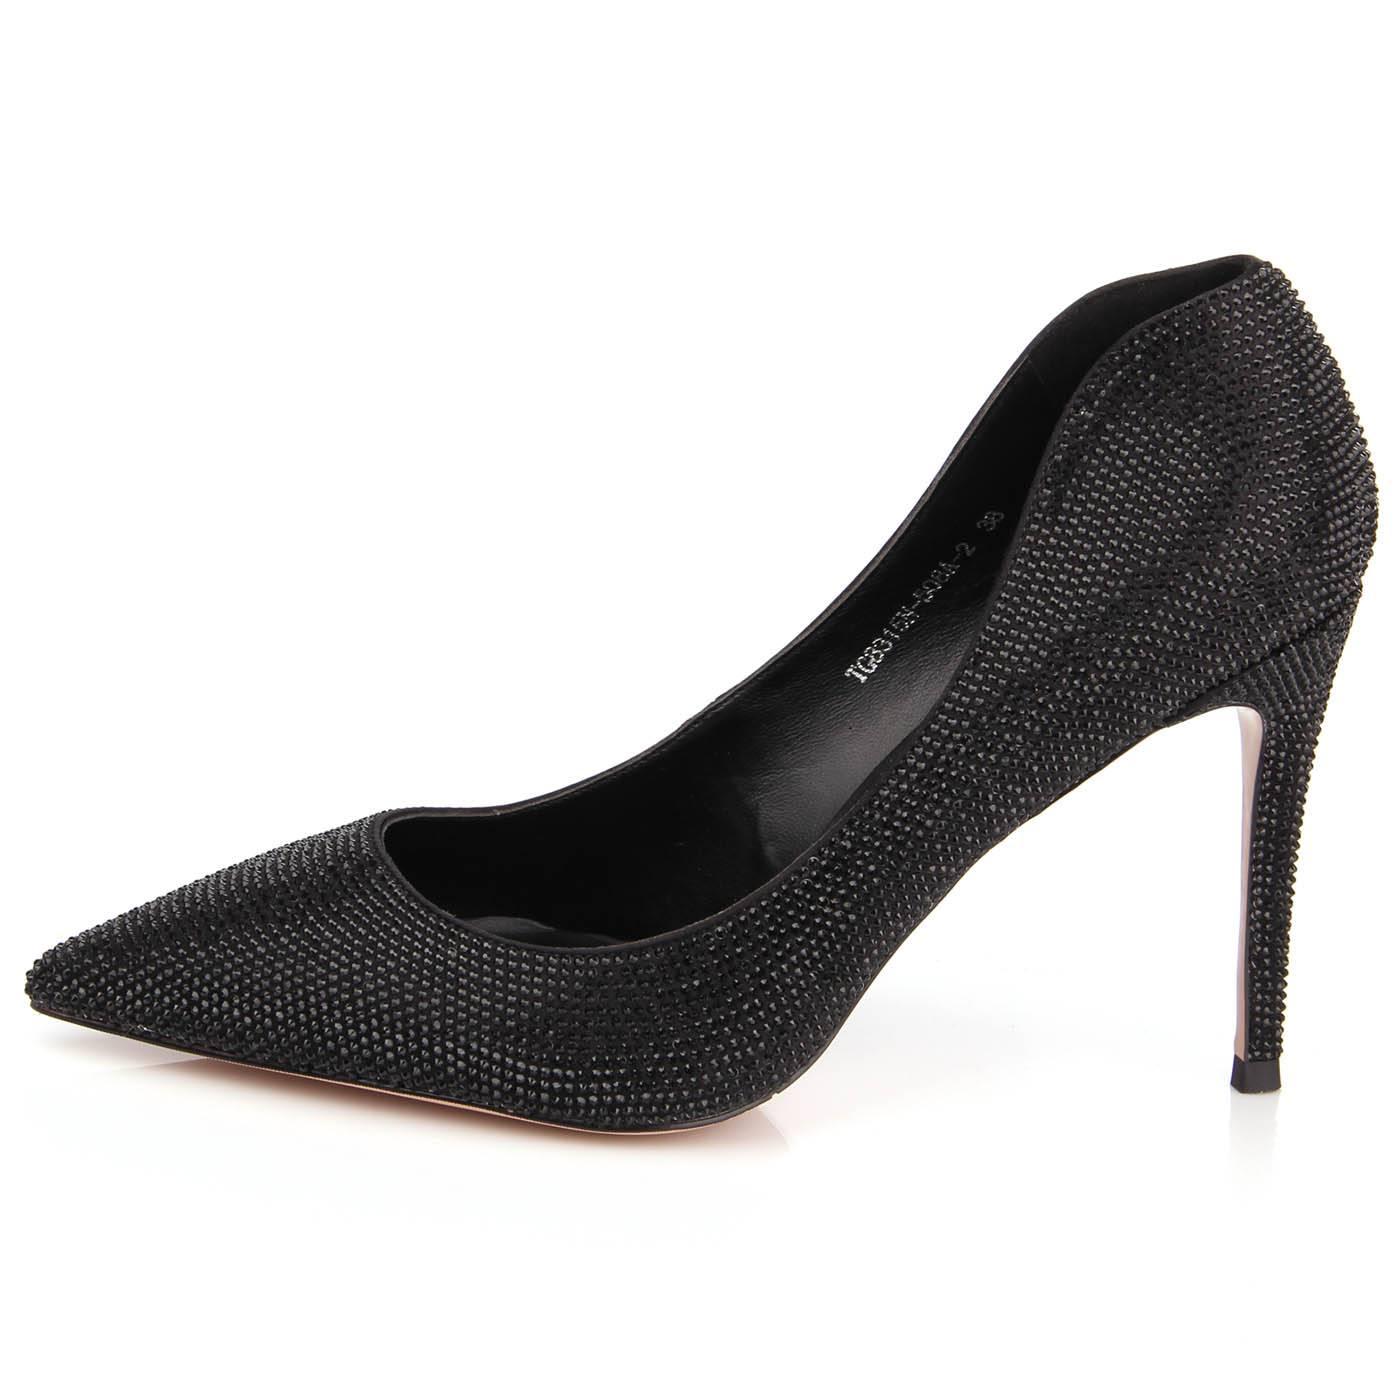 Туфли женские Basconi 6946 Черный купить по выгодной цене в интернет ... 1b1912af610